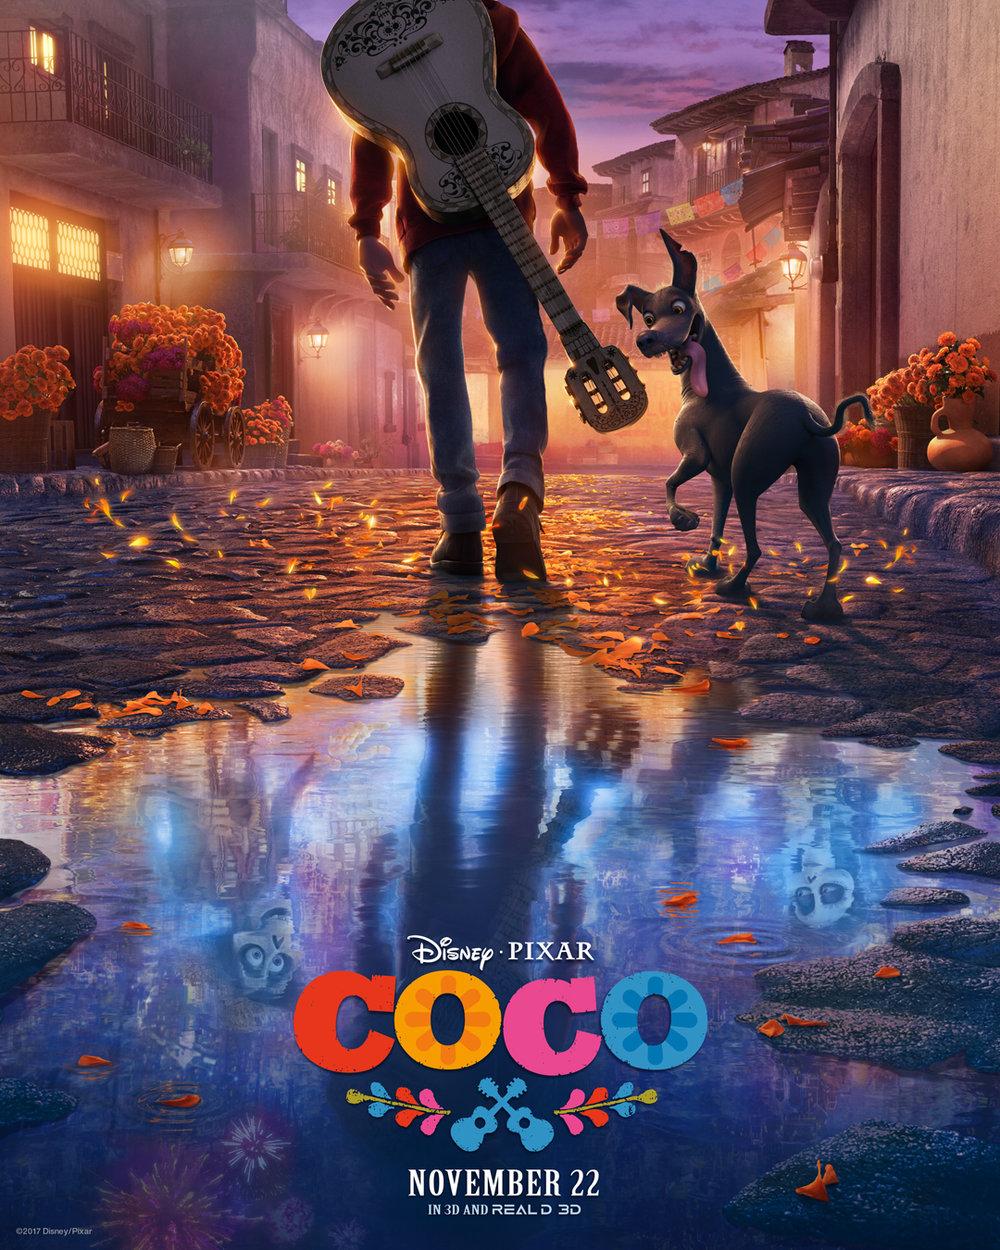 http://www.3dor2d.com/reviews/coco